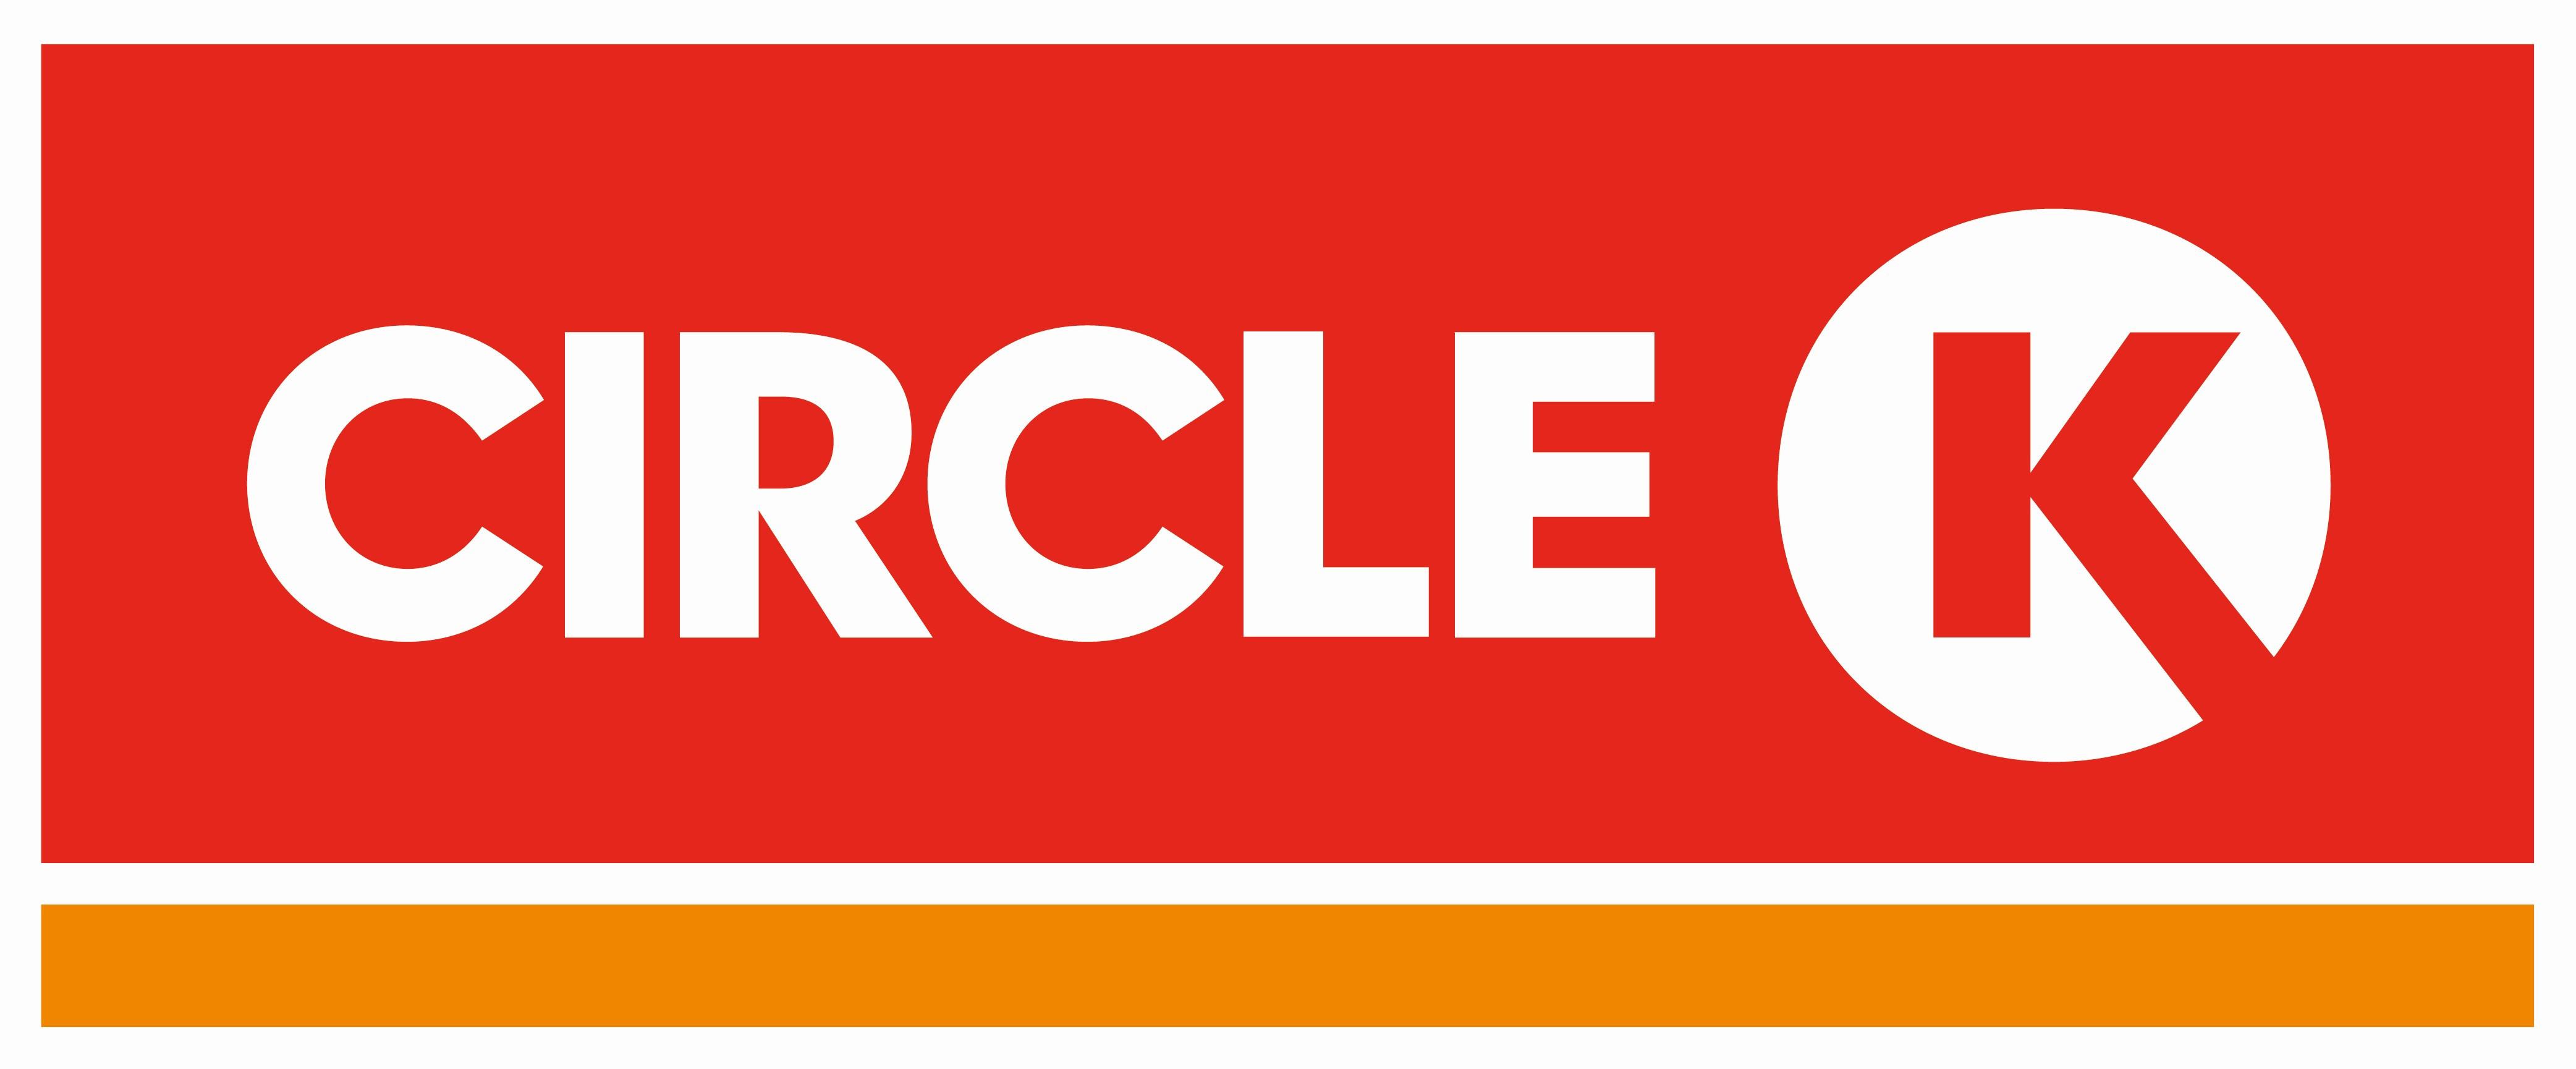 Доставка в Circle K